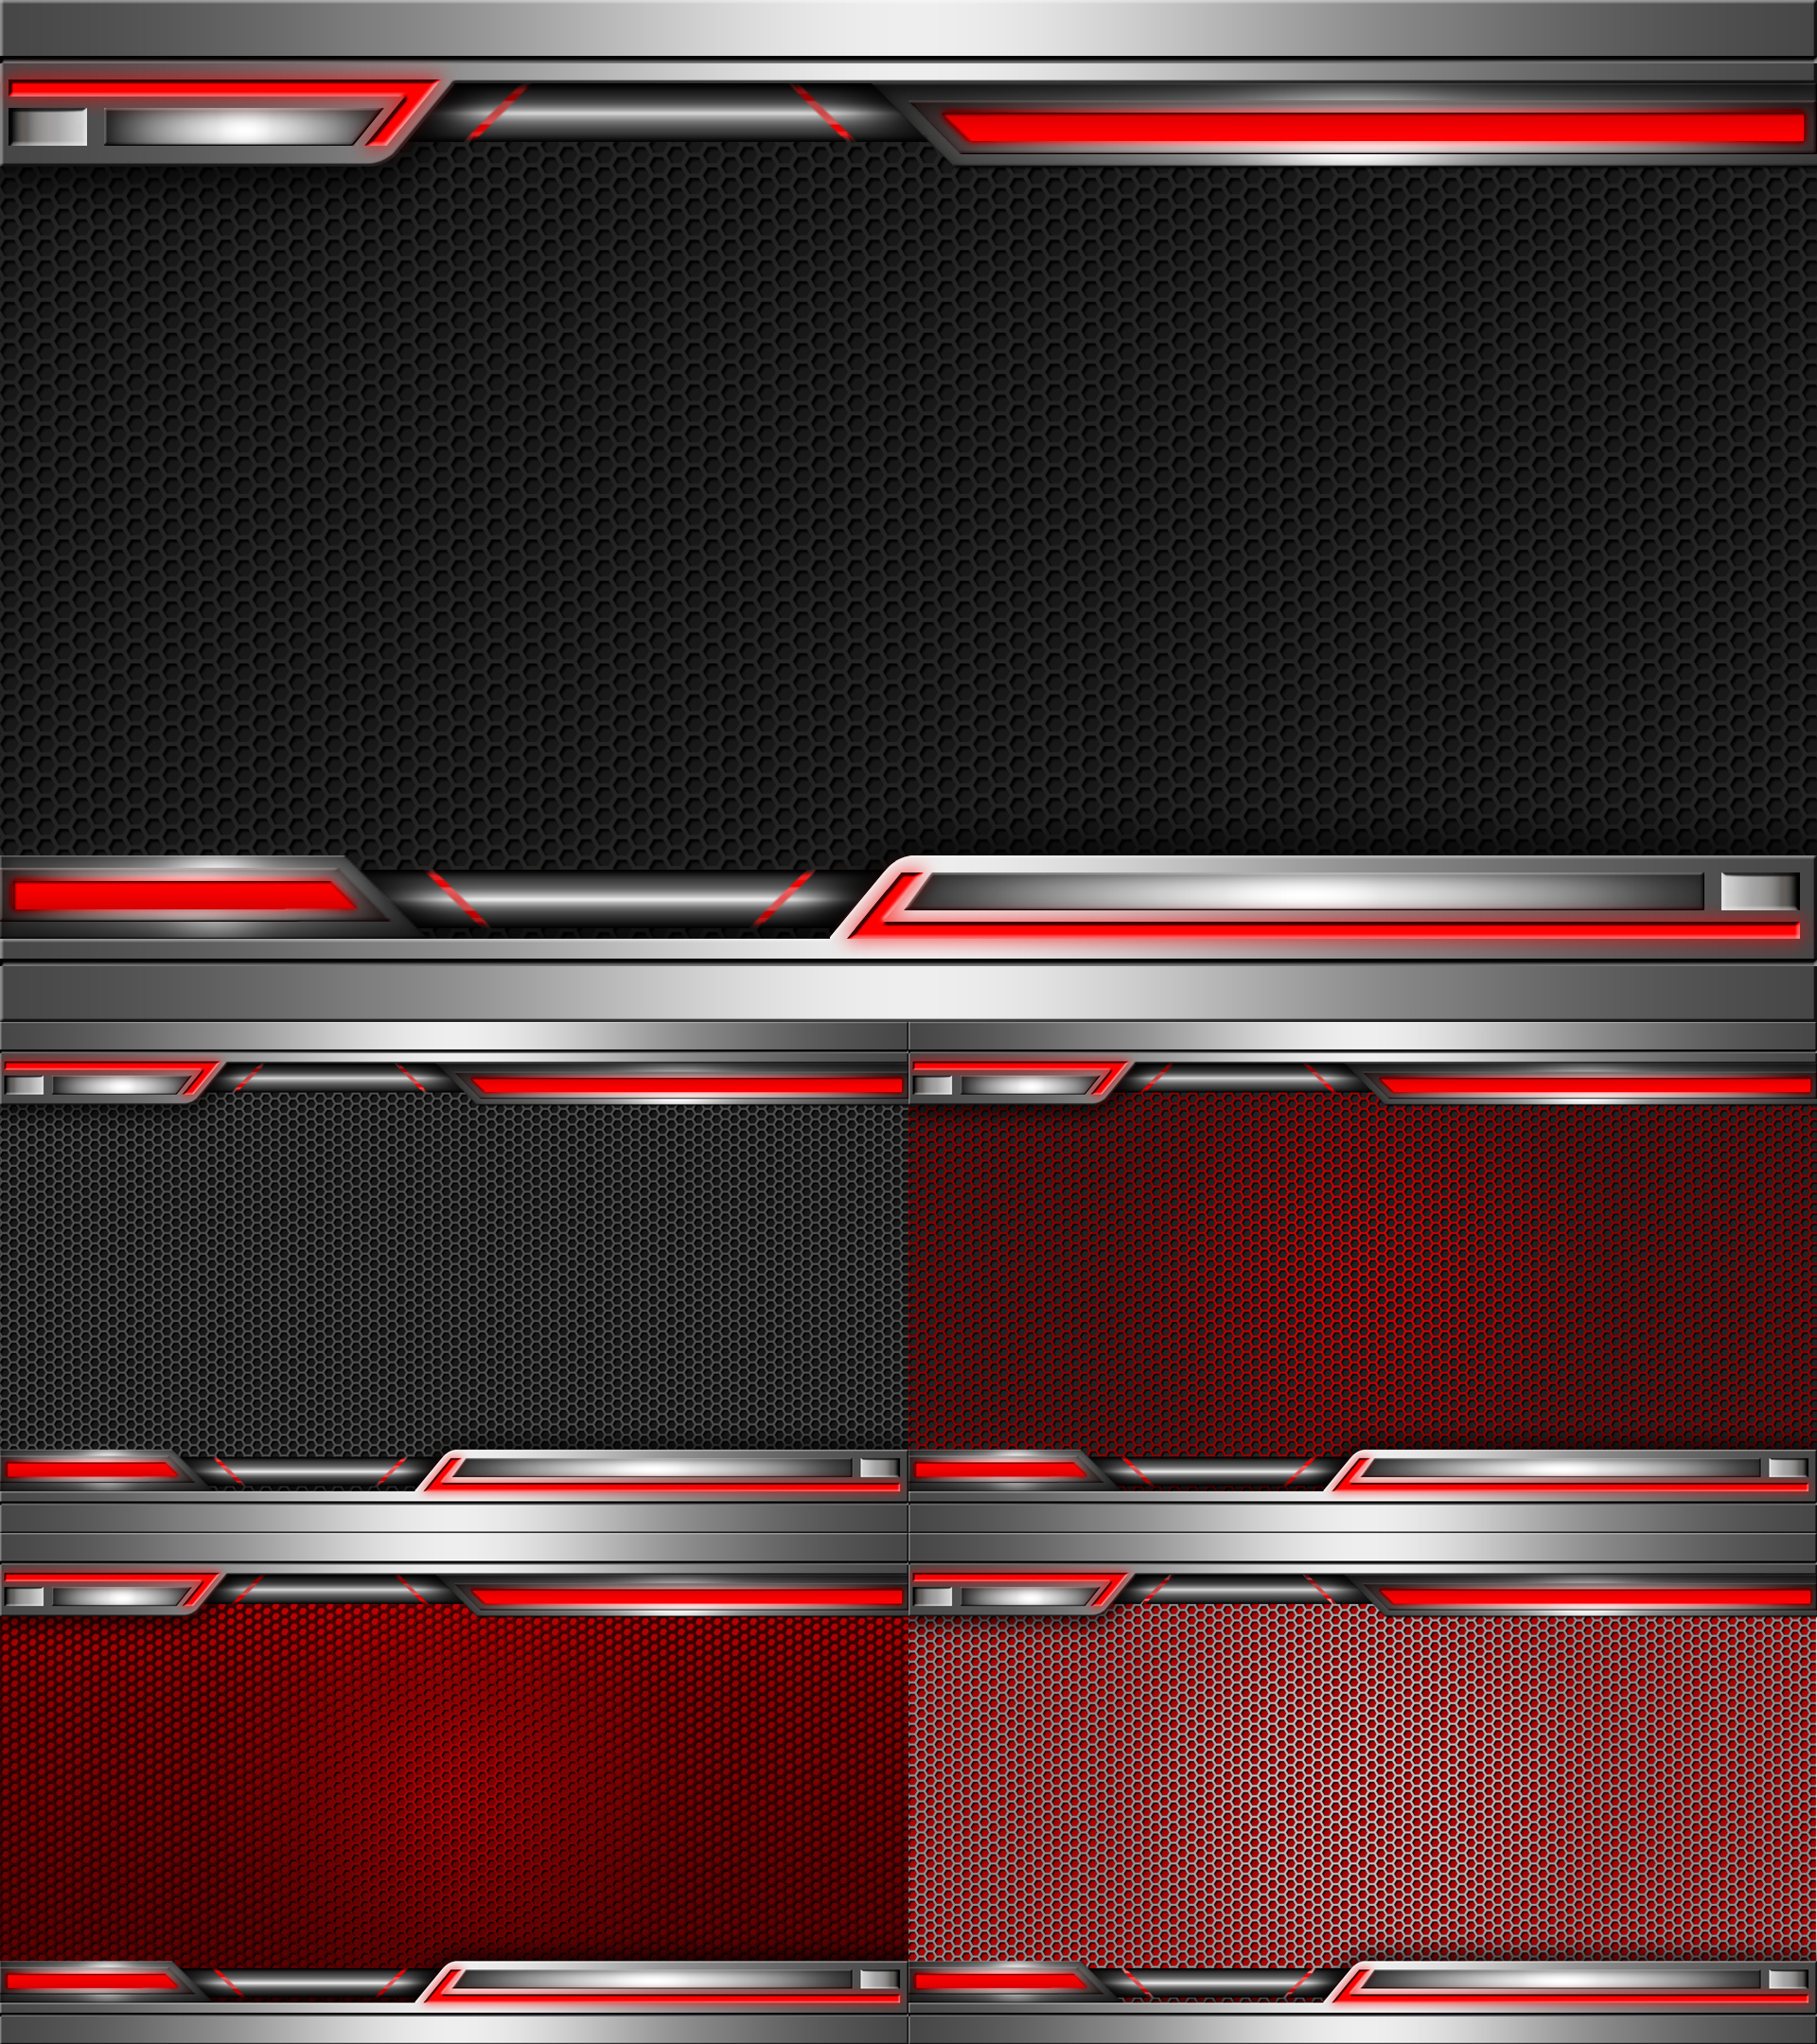 Domination Dark Red Wallpaper Set by SamirPA